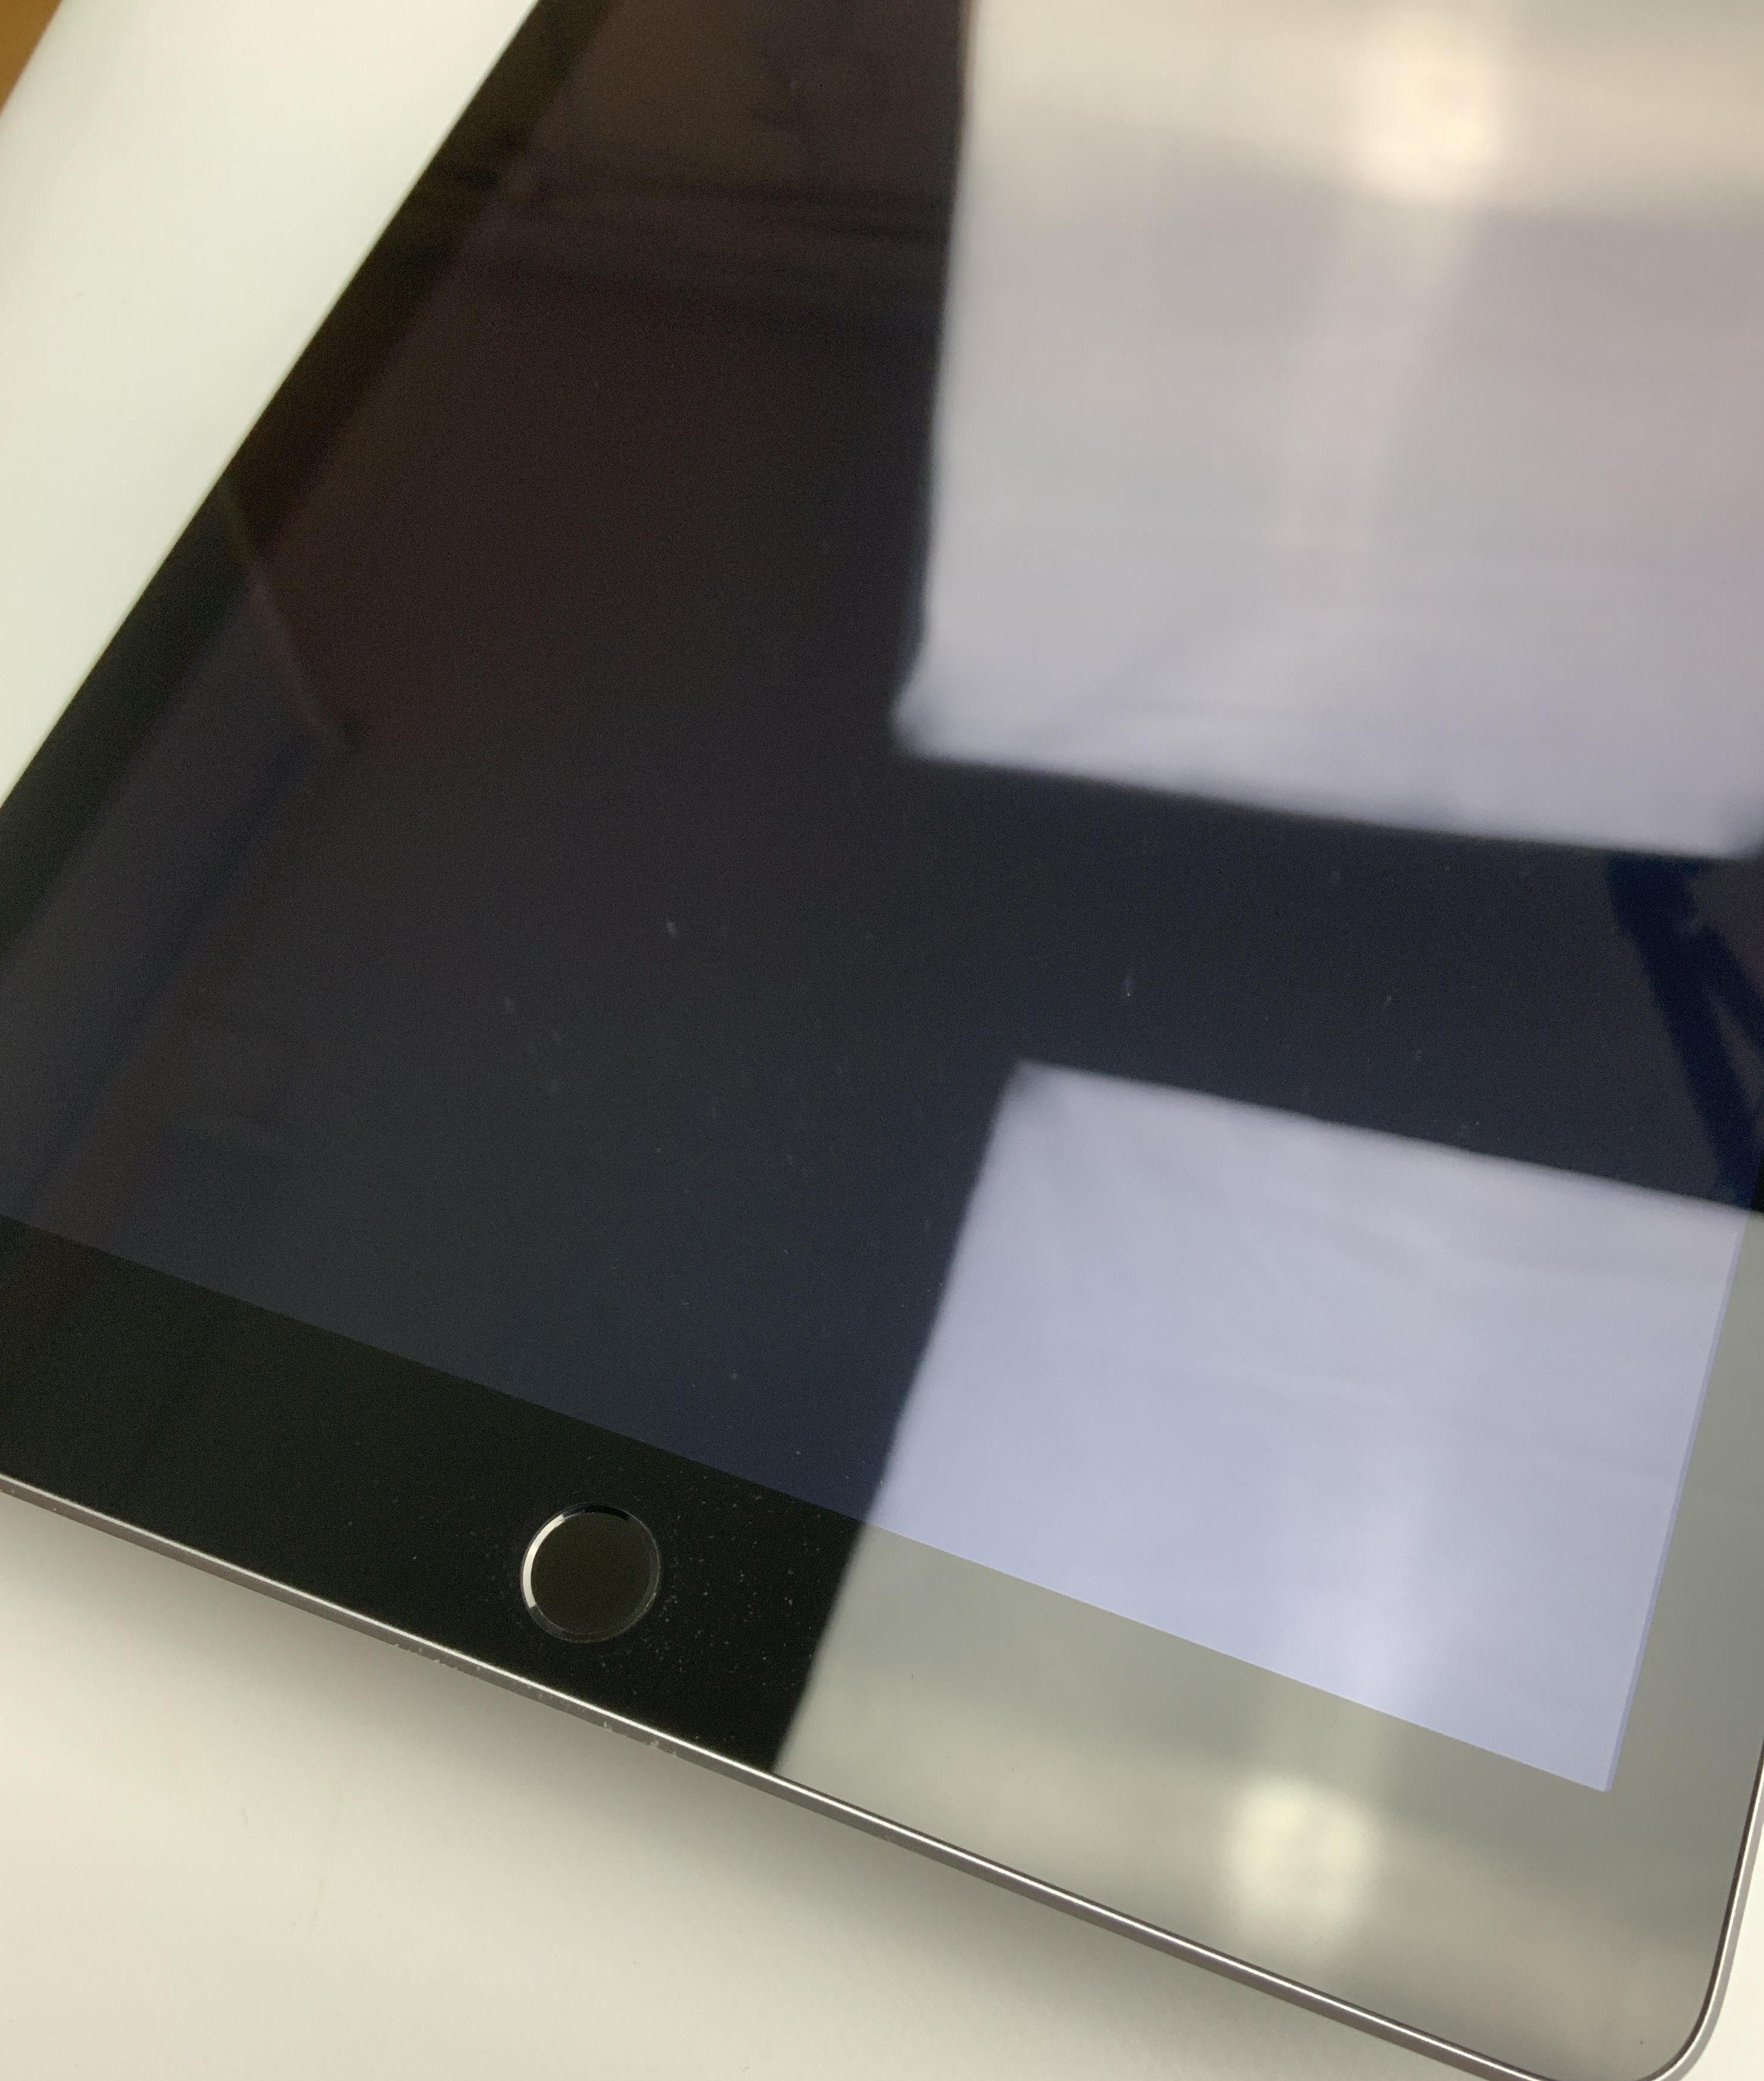 iPad 5 Wi-Fi 128GB, 128GB, Space Gray, obraz 4